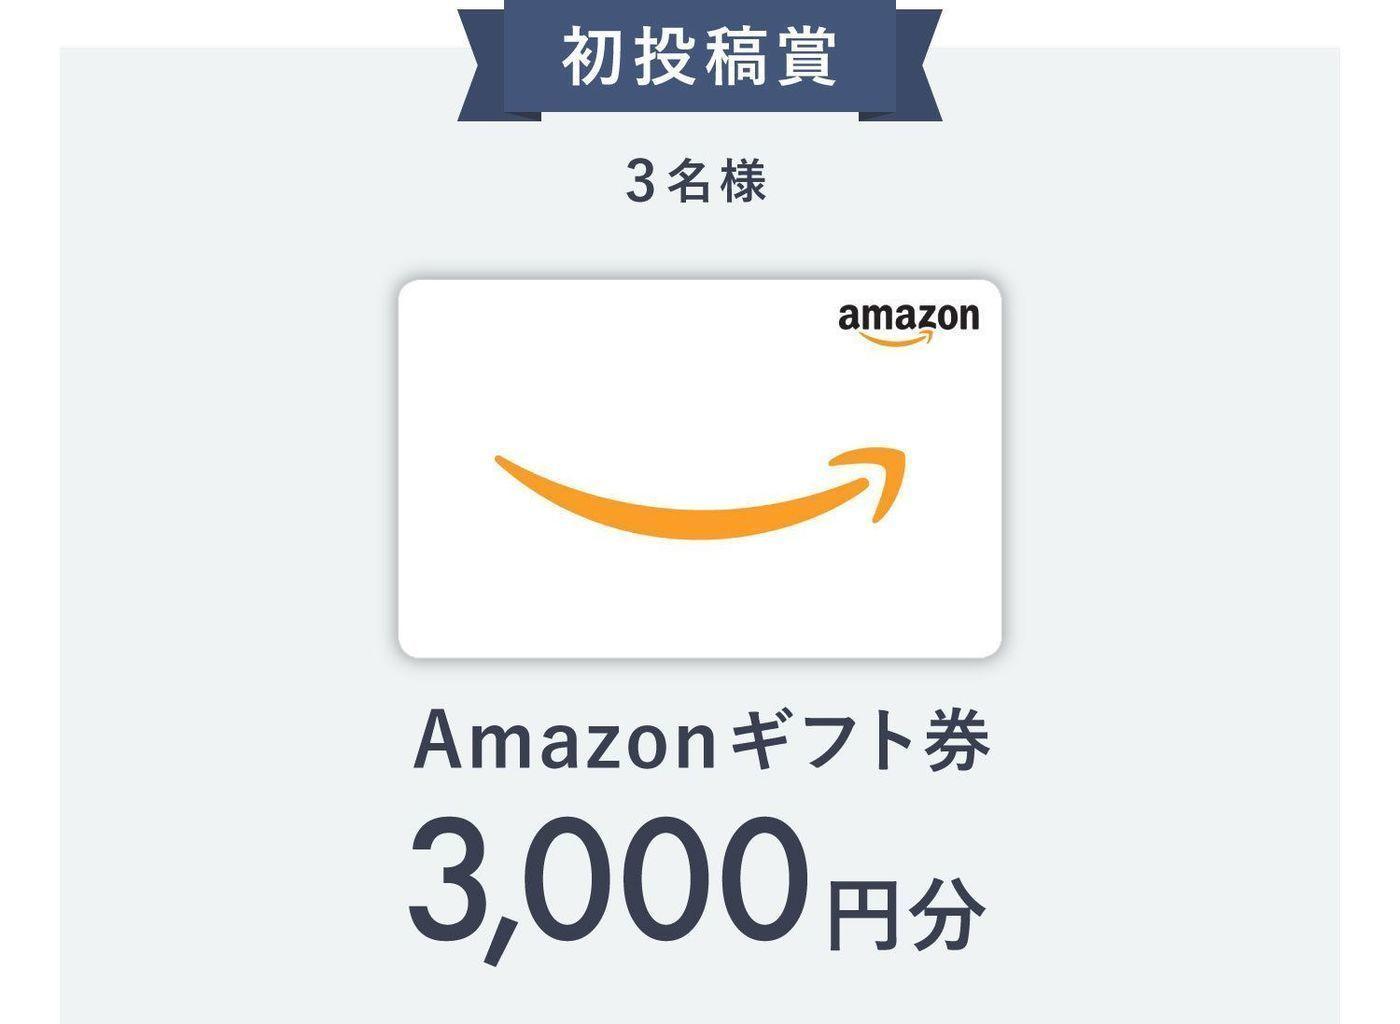 【最大1万円分】ギフト券が当たる!「#ピンク」キャンペーンの7枚目の画像